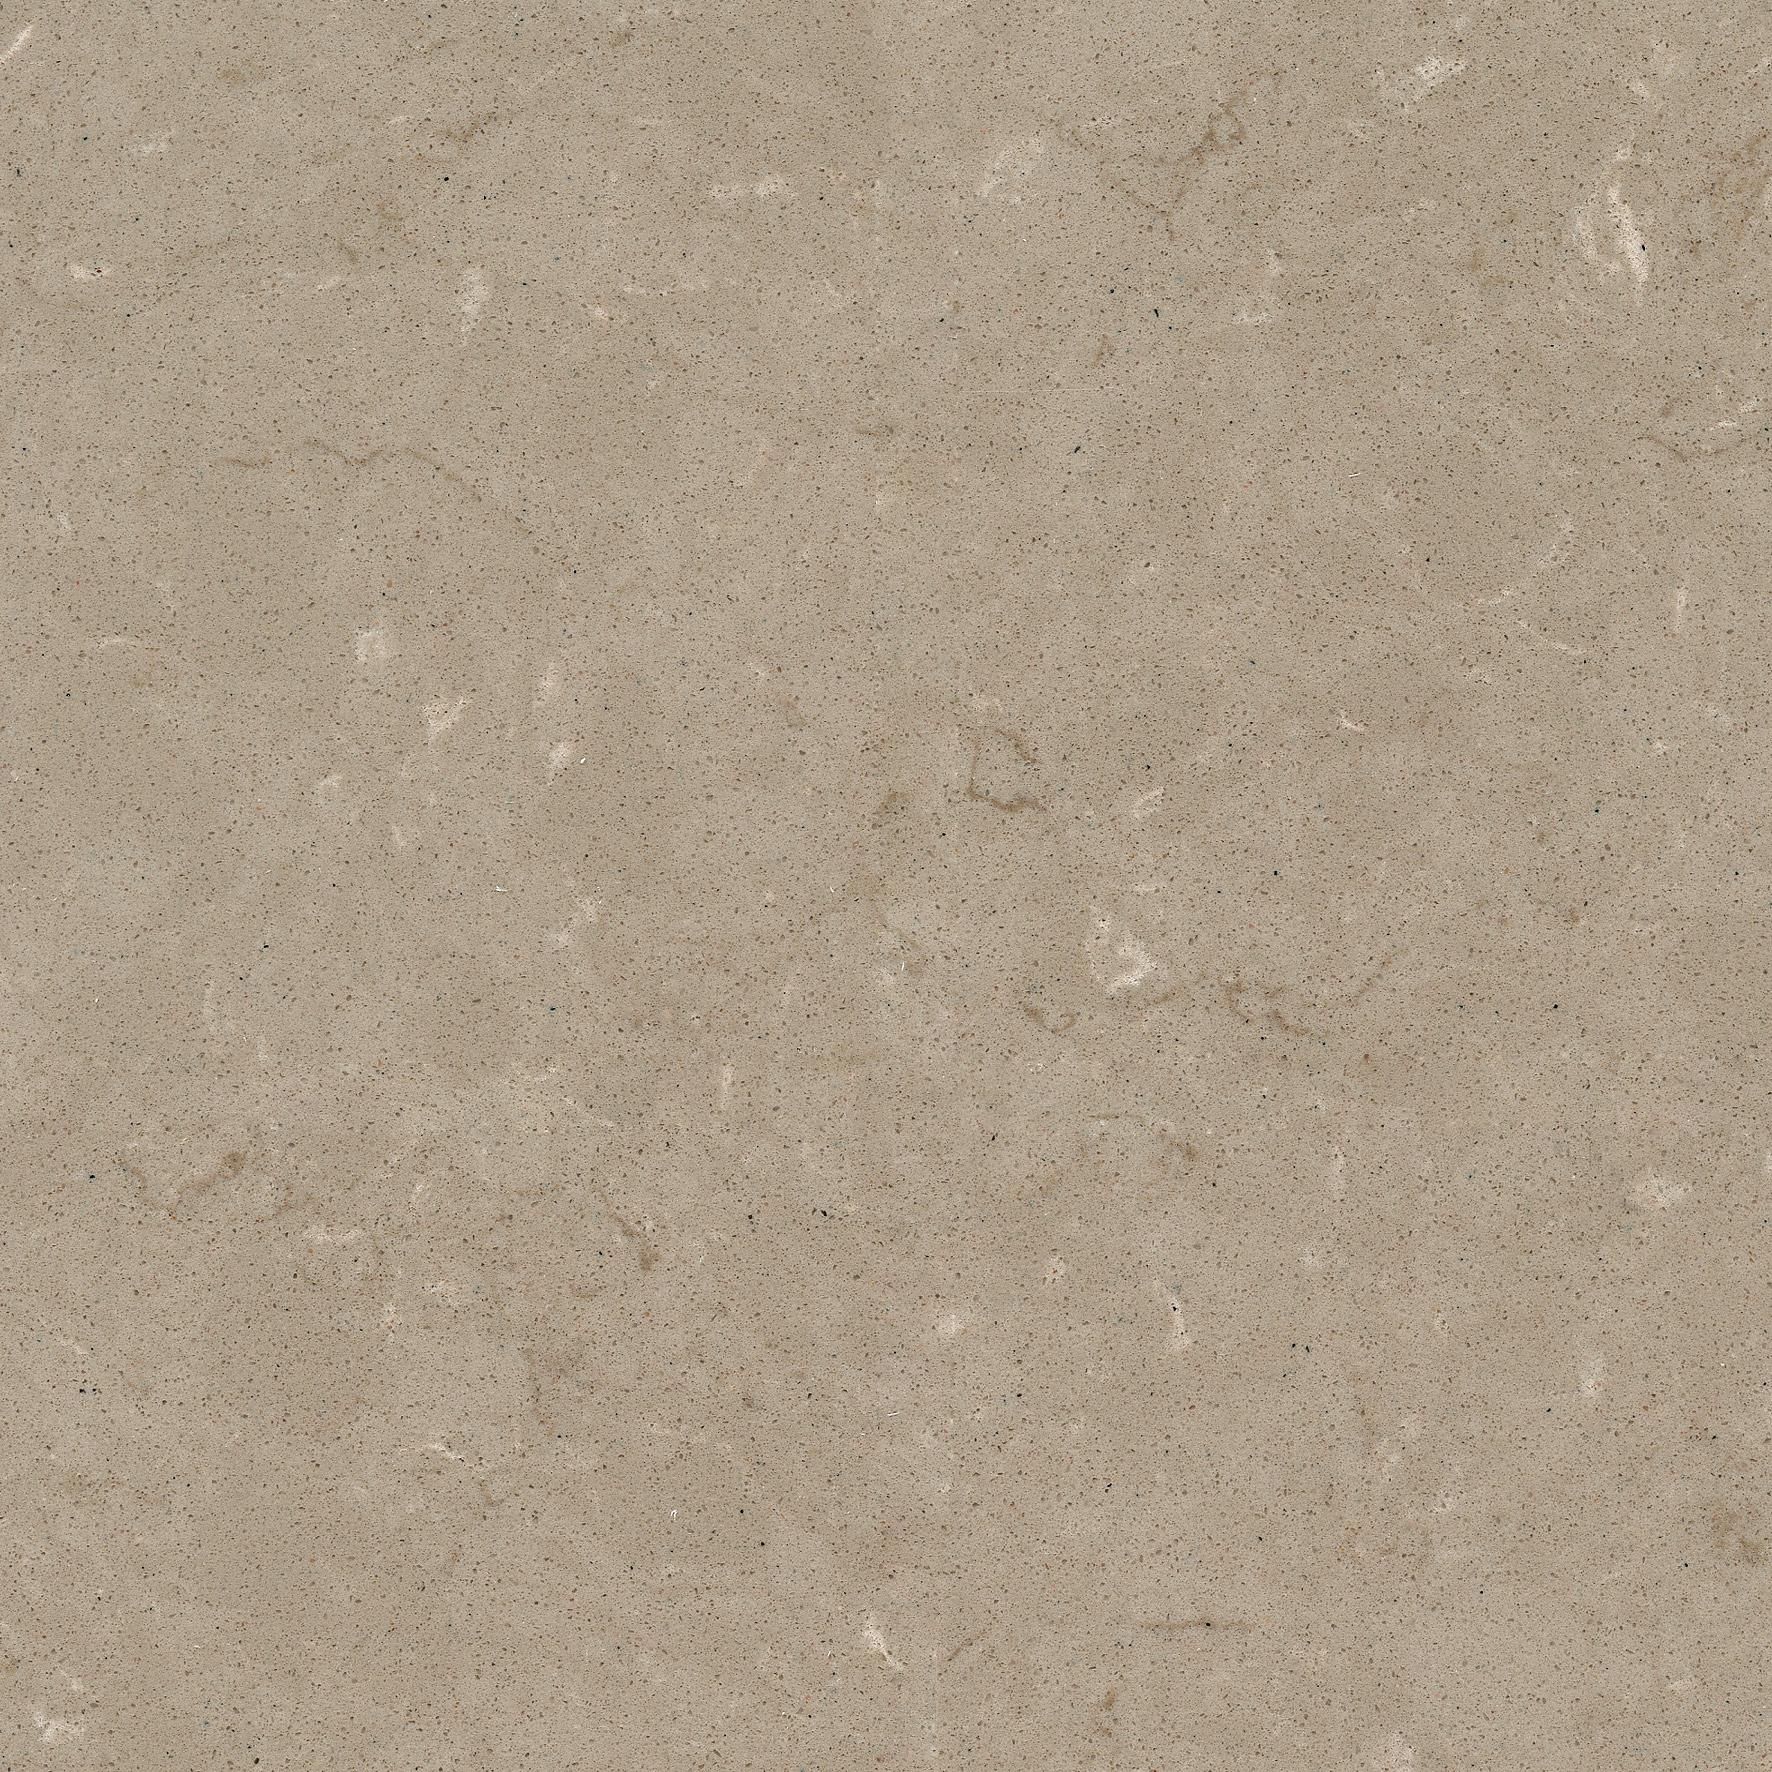 Plan De Travail Granit Beige evier en quartz pour cuisine moderne la teste-de-buch 33260